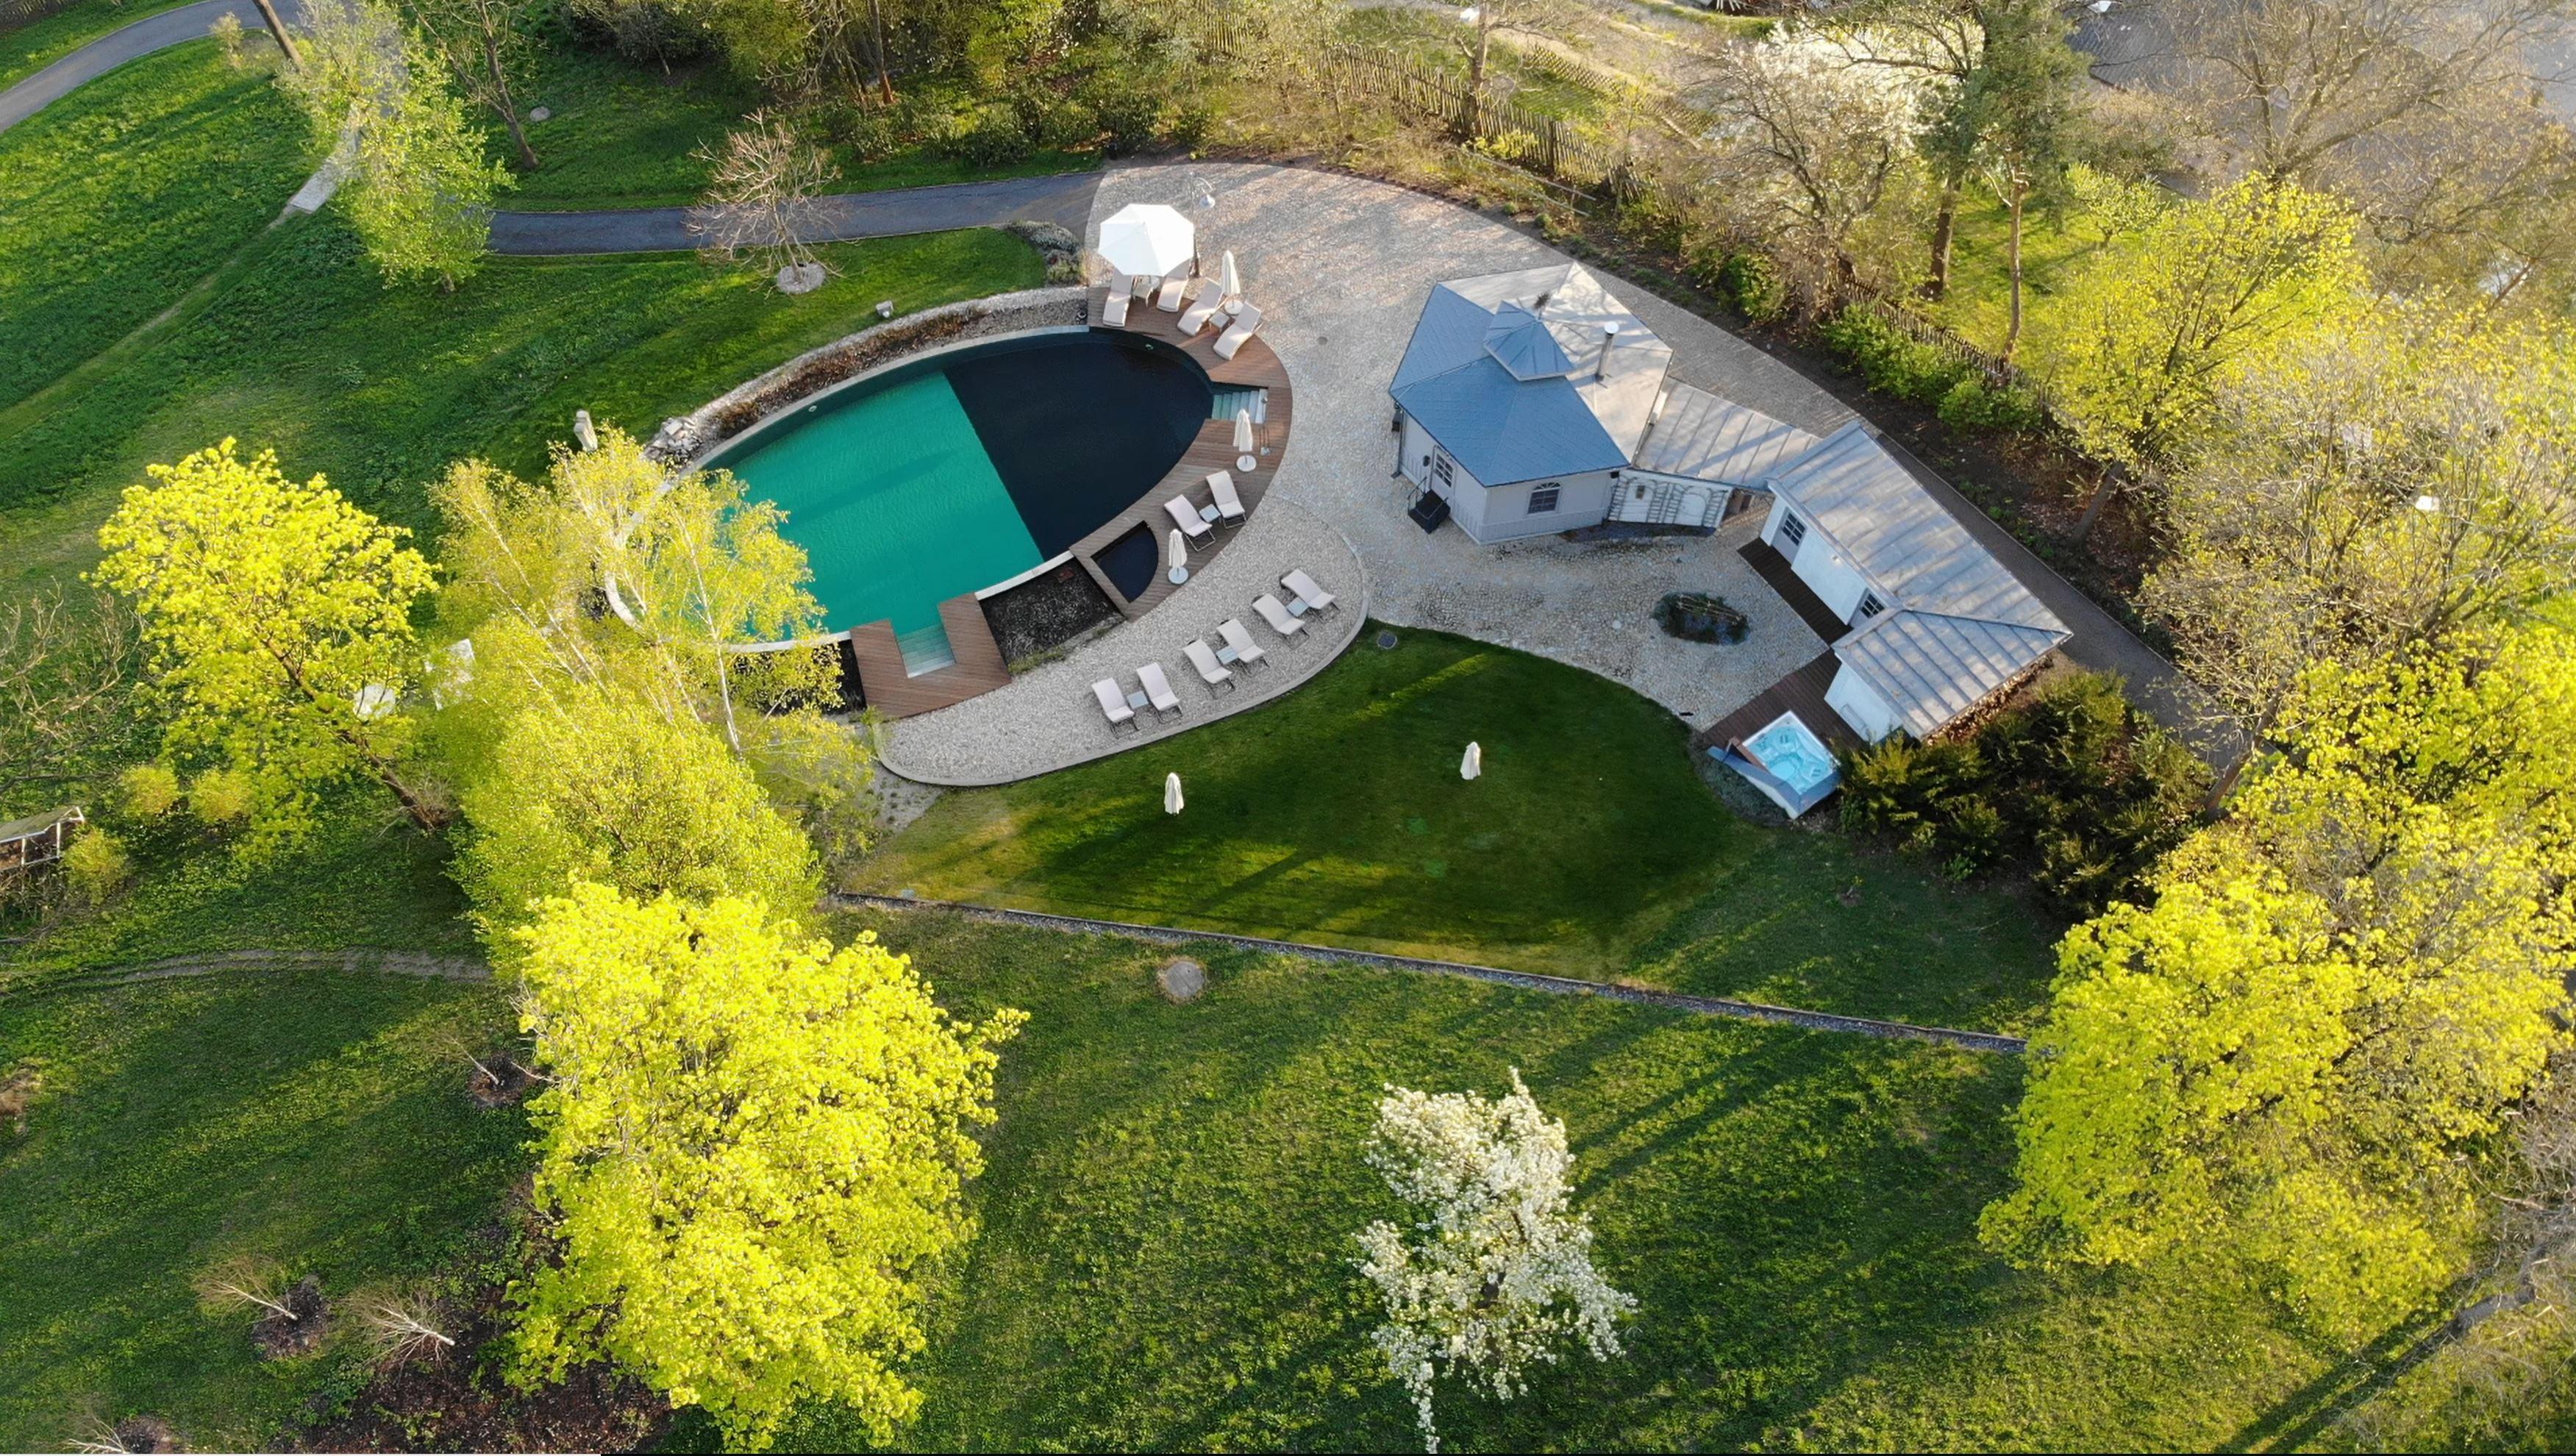 Chateau Mcely pool lake Czech Republic